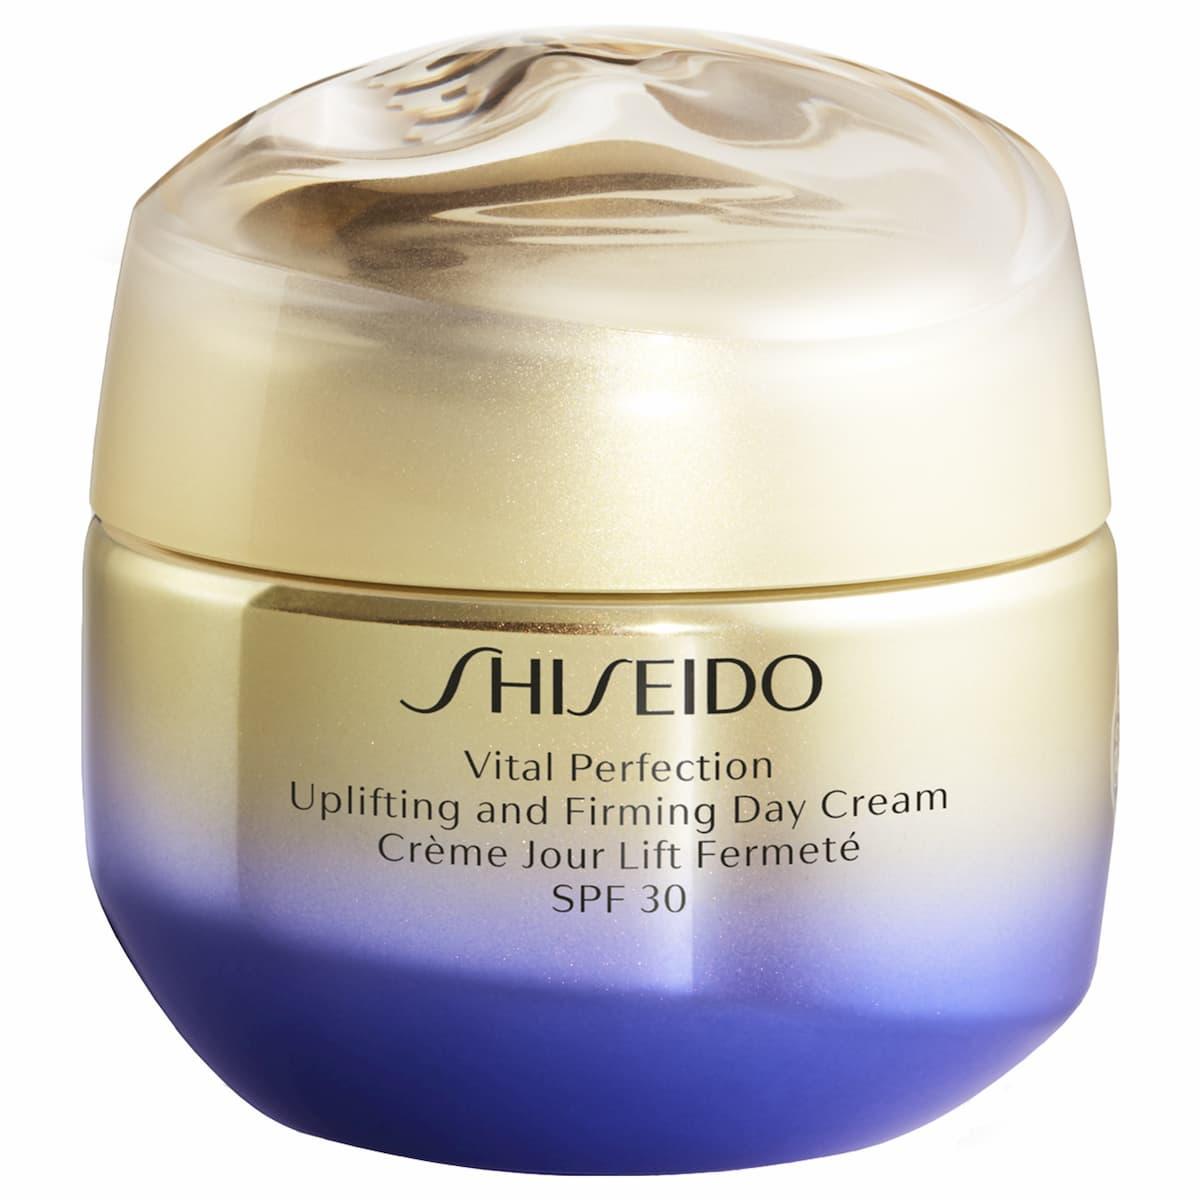 Vital Perfection Crème Jour Lift Fermeté SPF30 - Shiseido